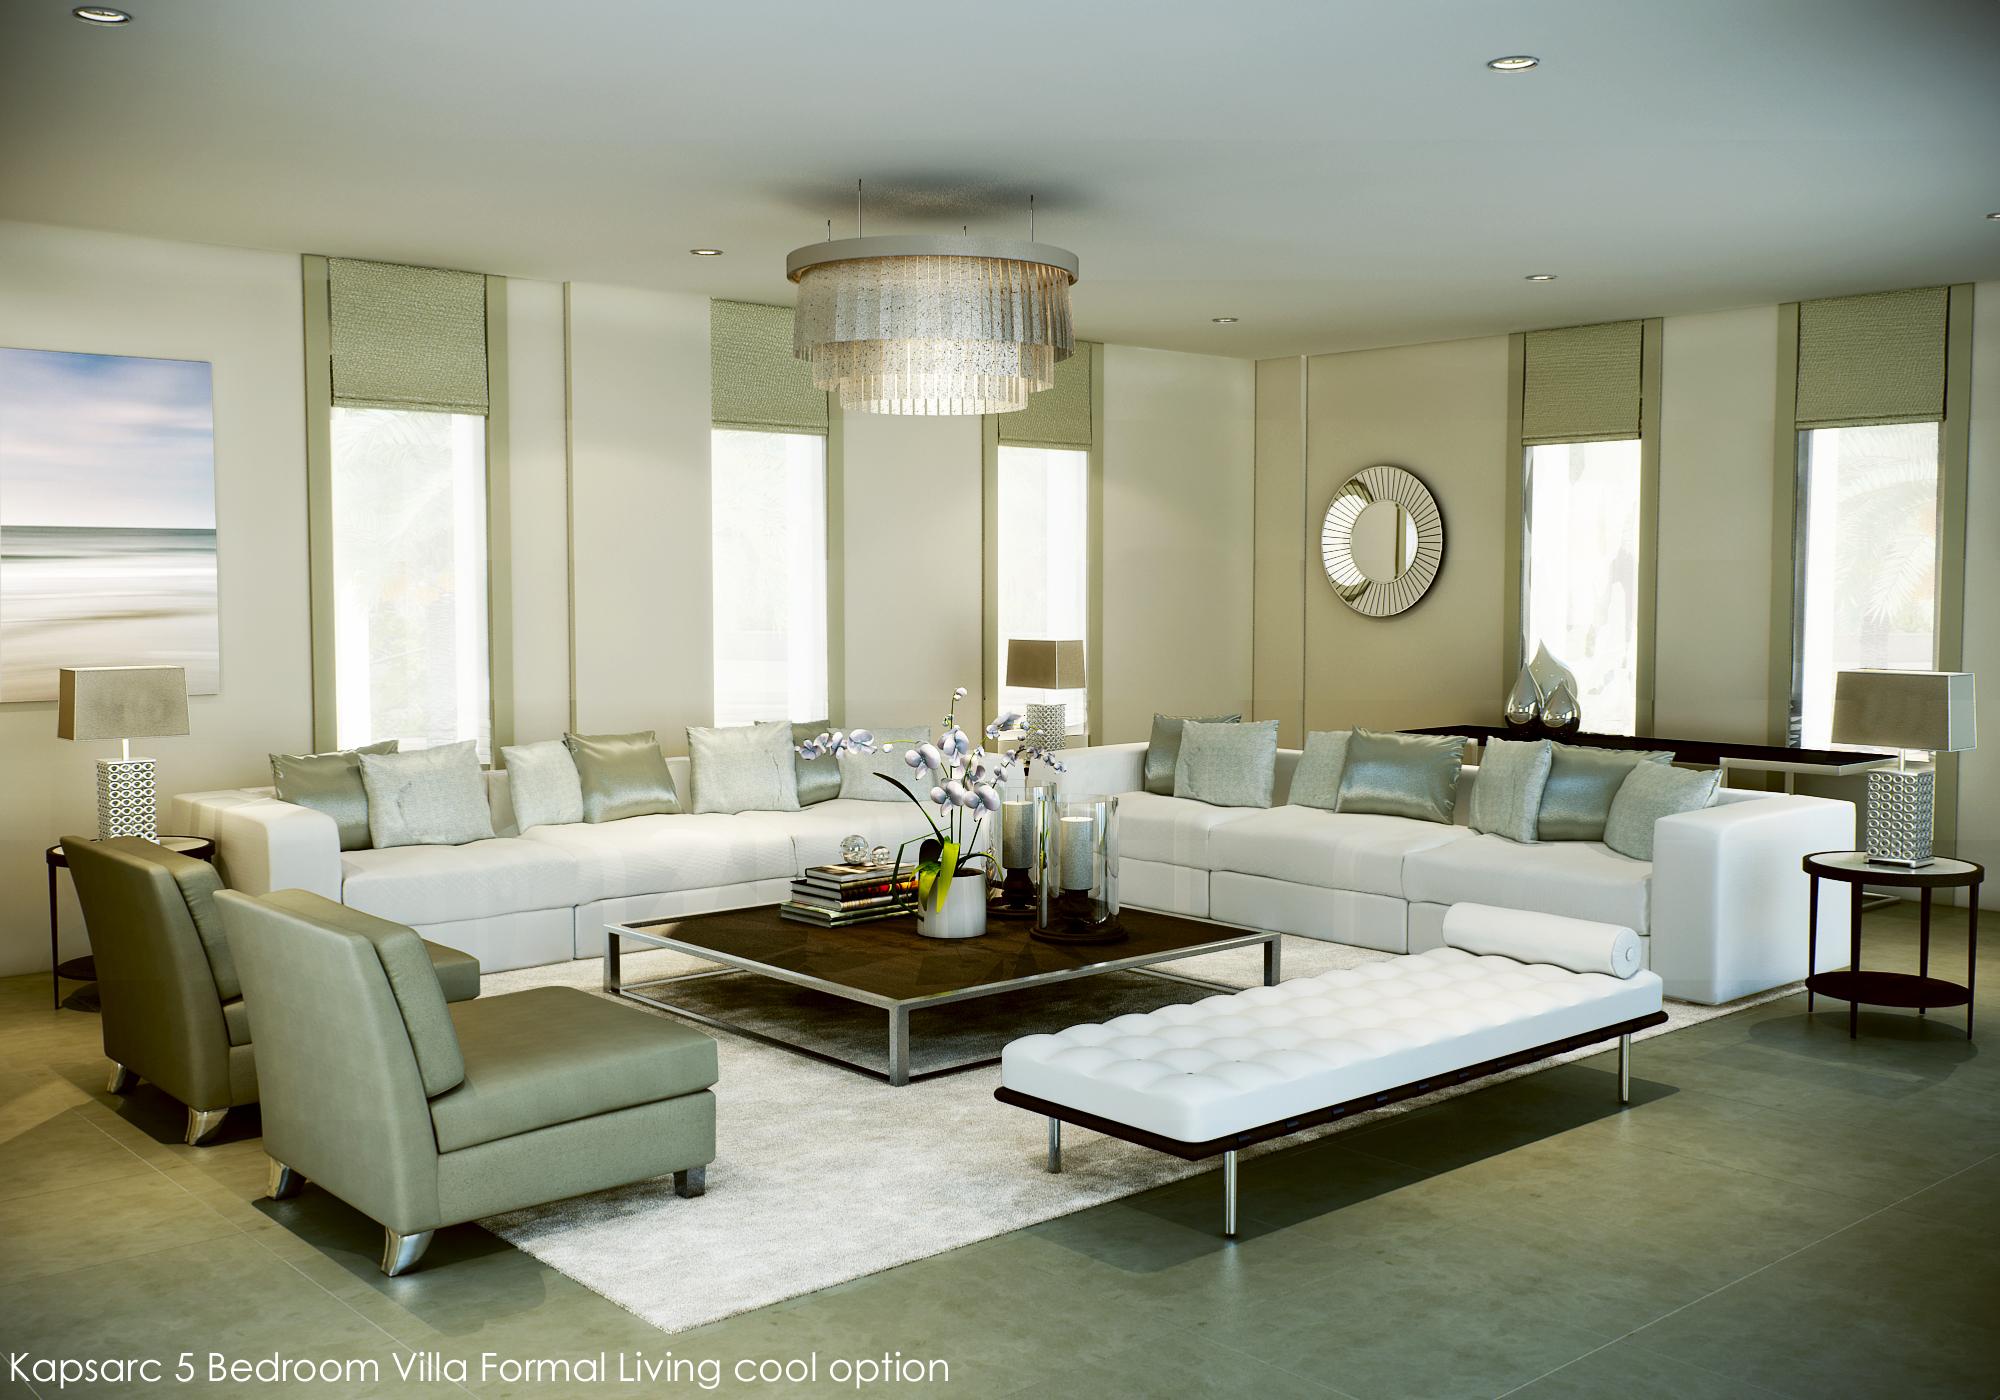 Kapsarc 5 Bedroom Villa Formal Living cool option.jpg